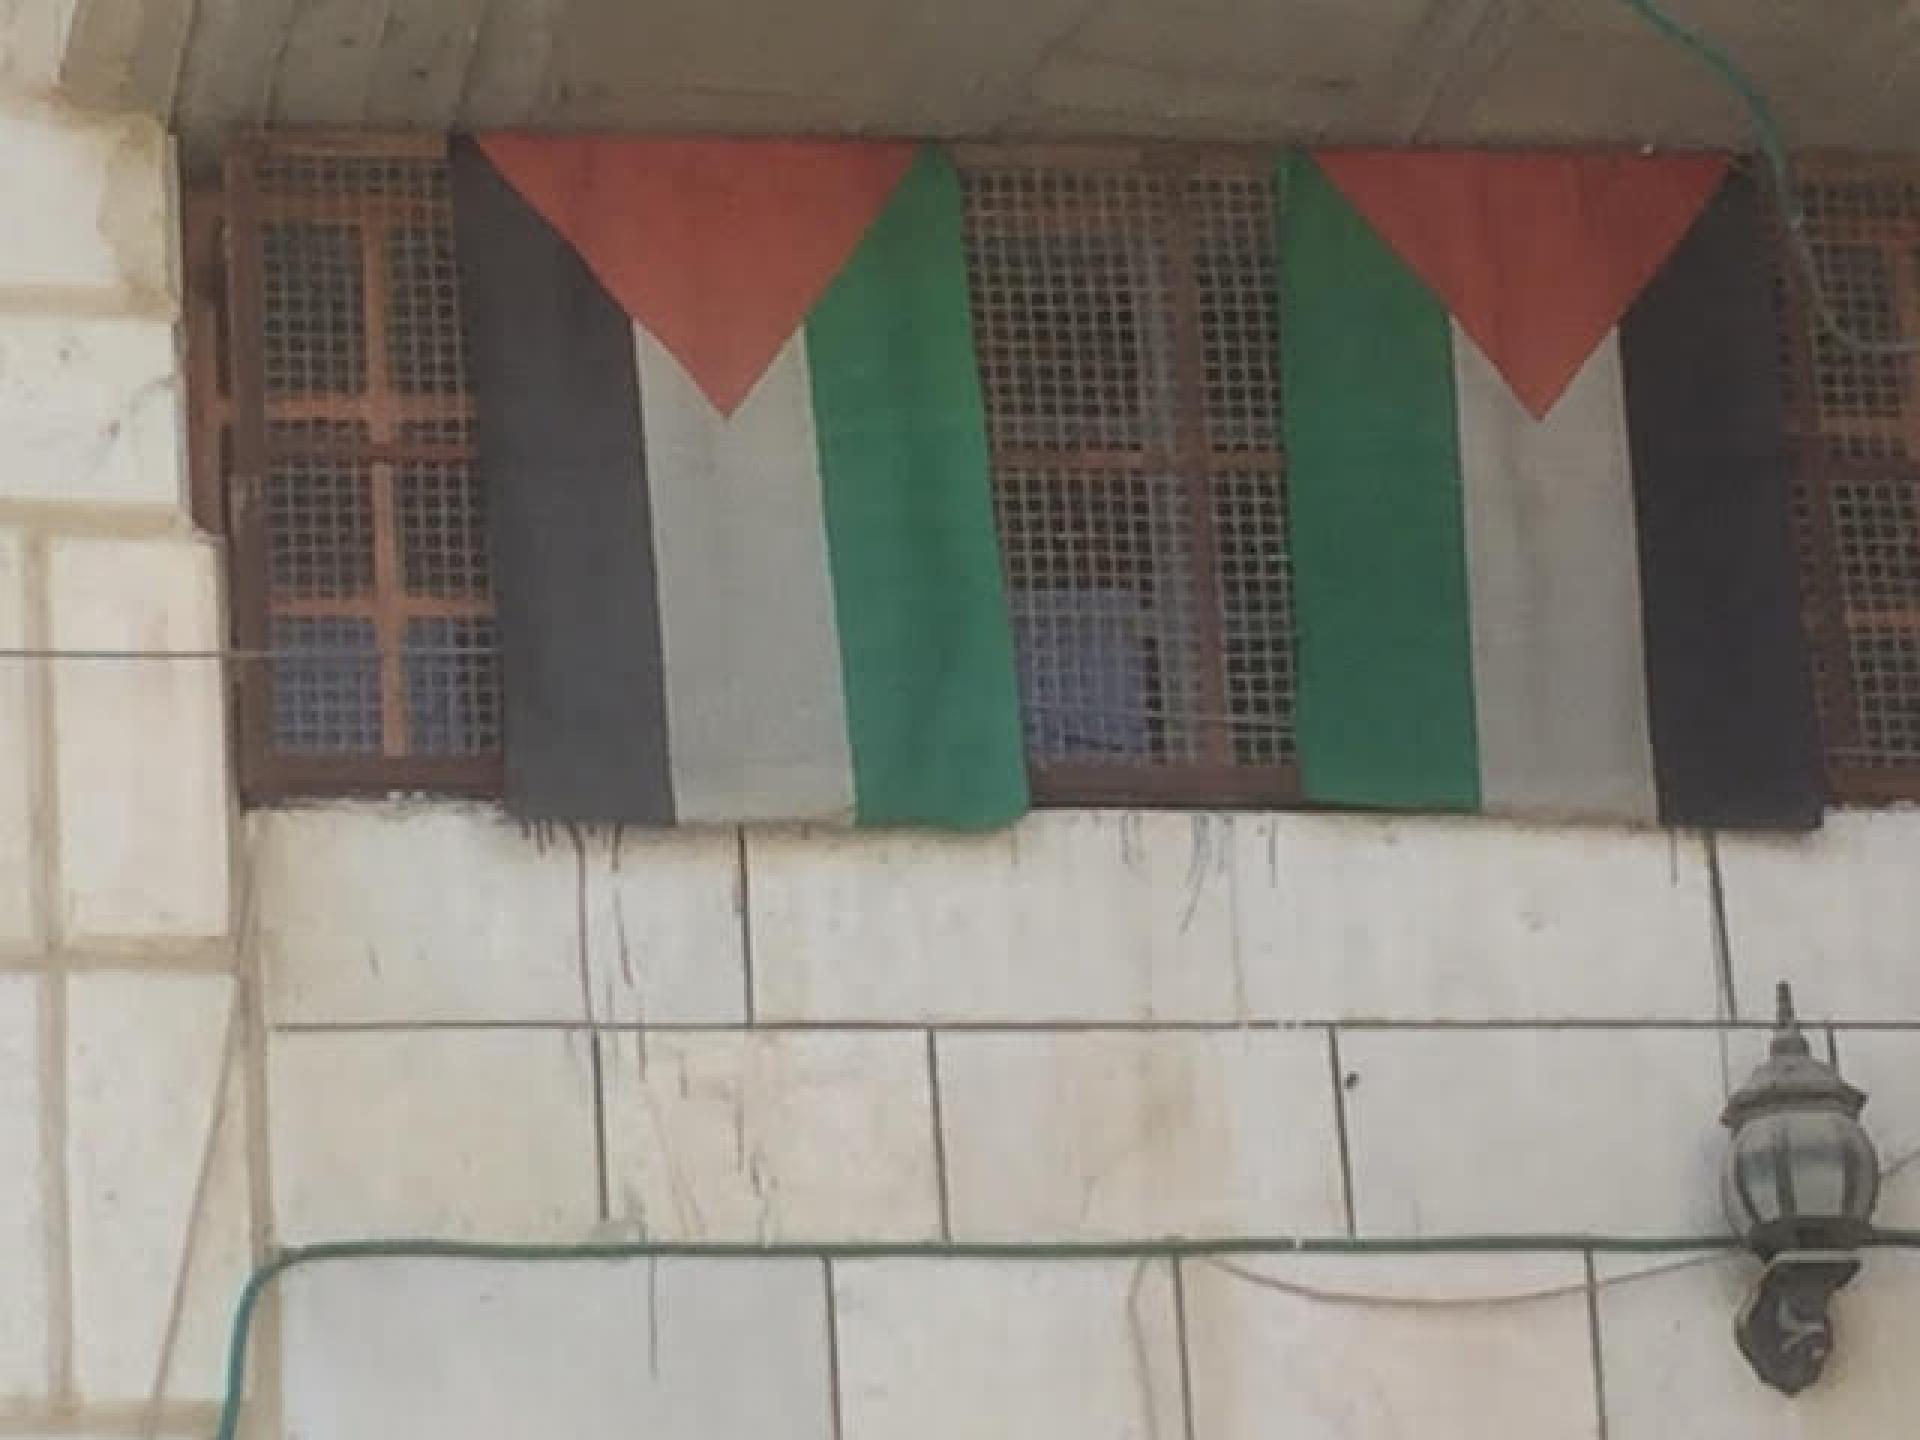 הדירות בבית המכפלה השייכות לפלסטינים